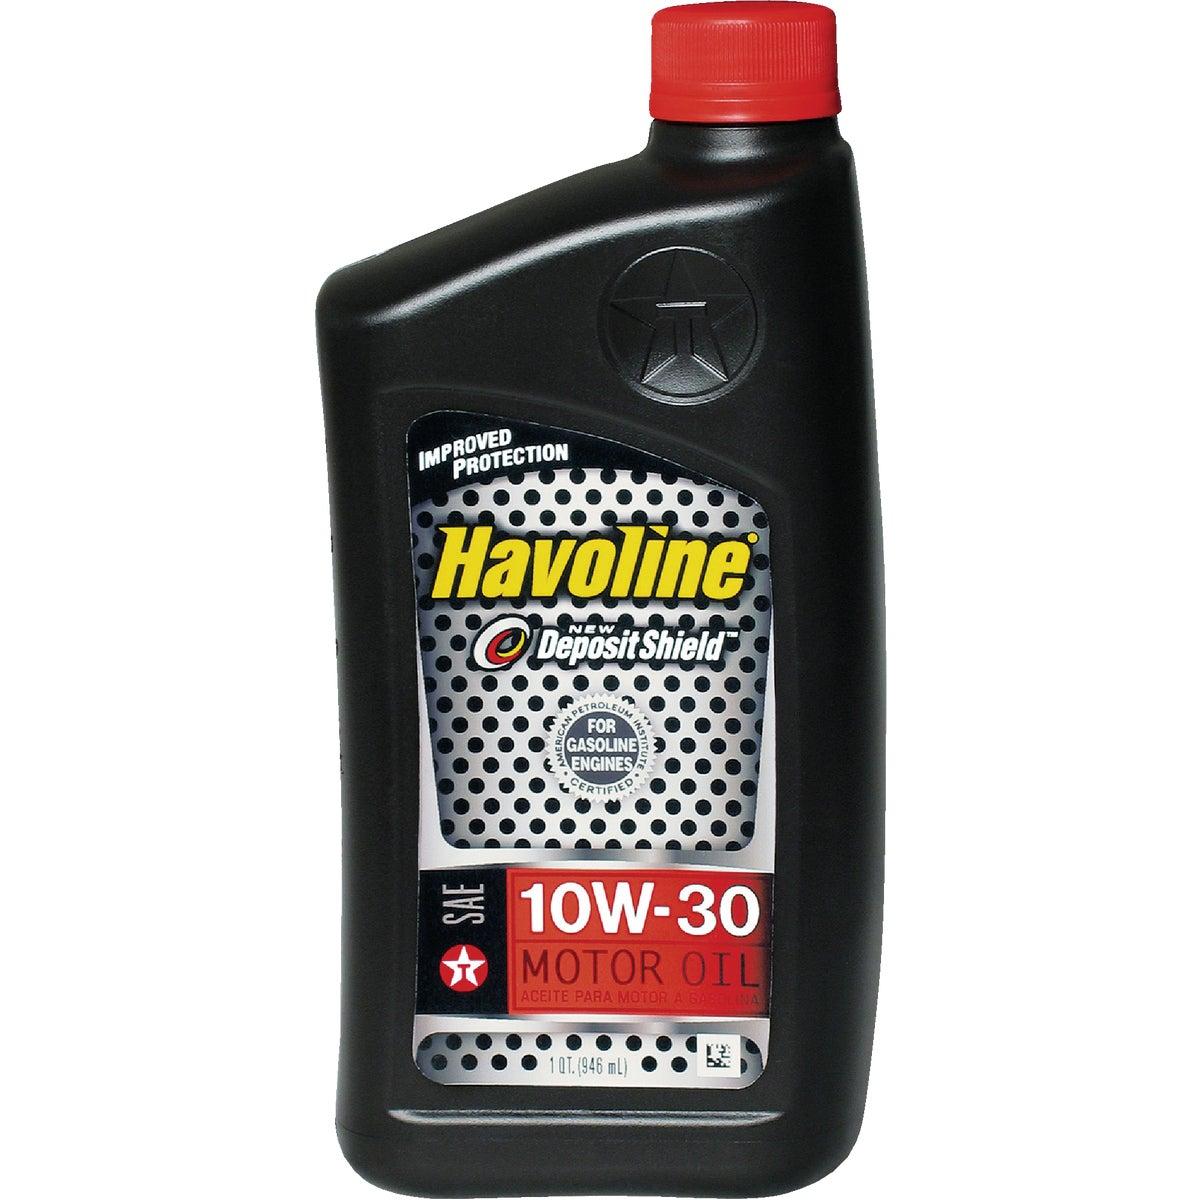 Havoline 10W30 Motor Oil